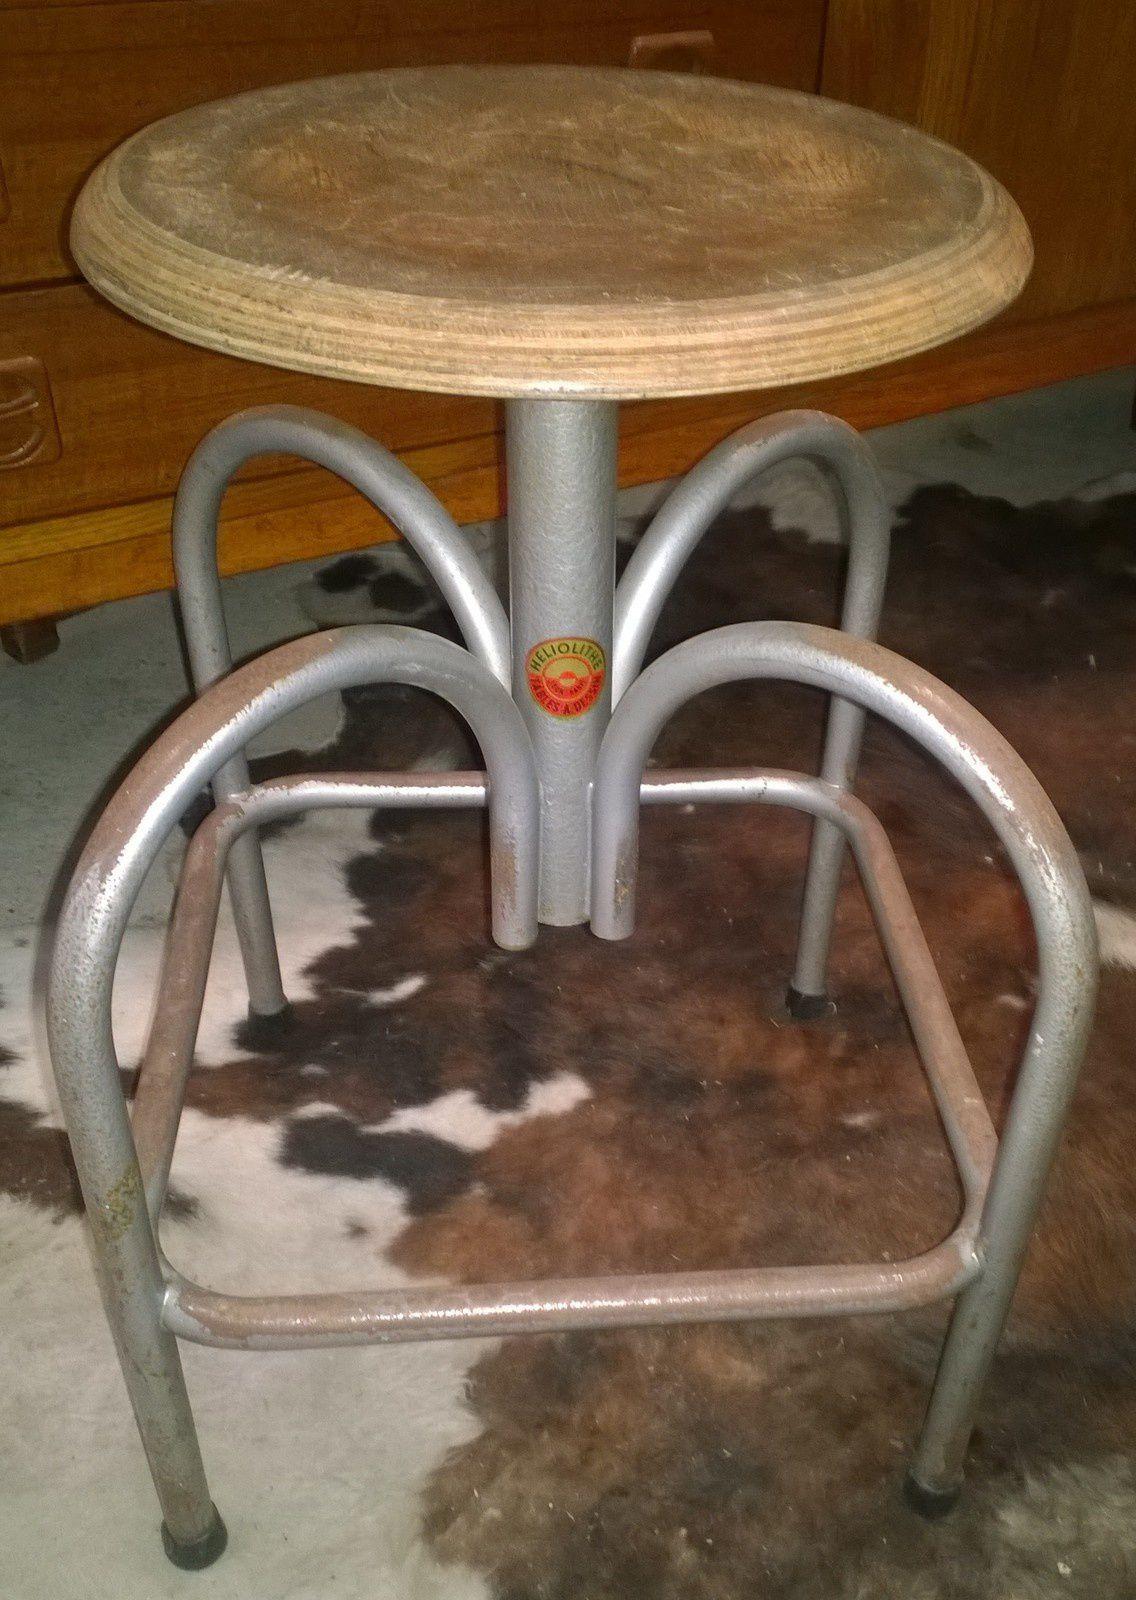 Tabouret industriel atelier heliolithe 1950 vente de mobilier vintage design scandinave ann es - Loft industriel playing circle ...